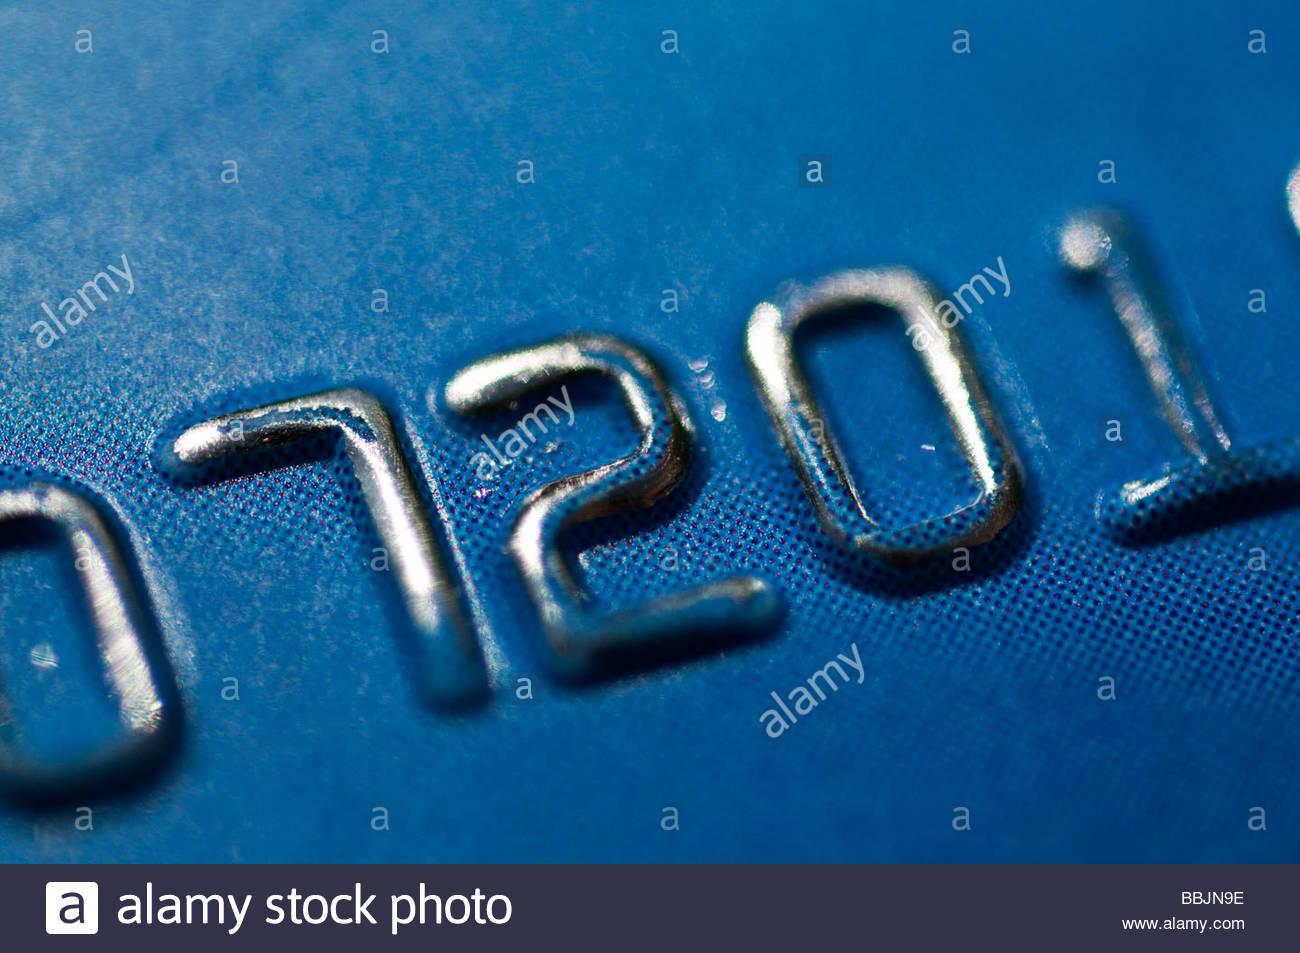 Kreditkarten-Nummern Stockbild